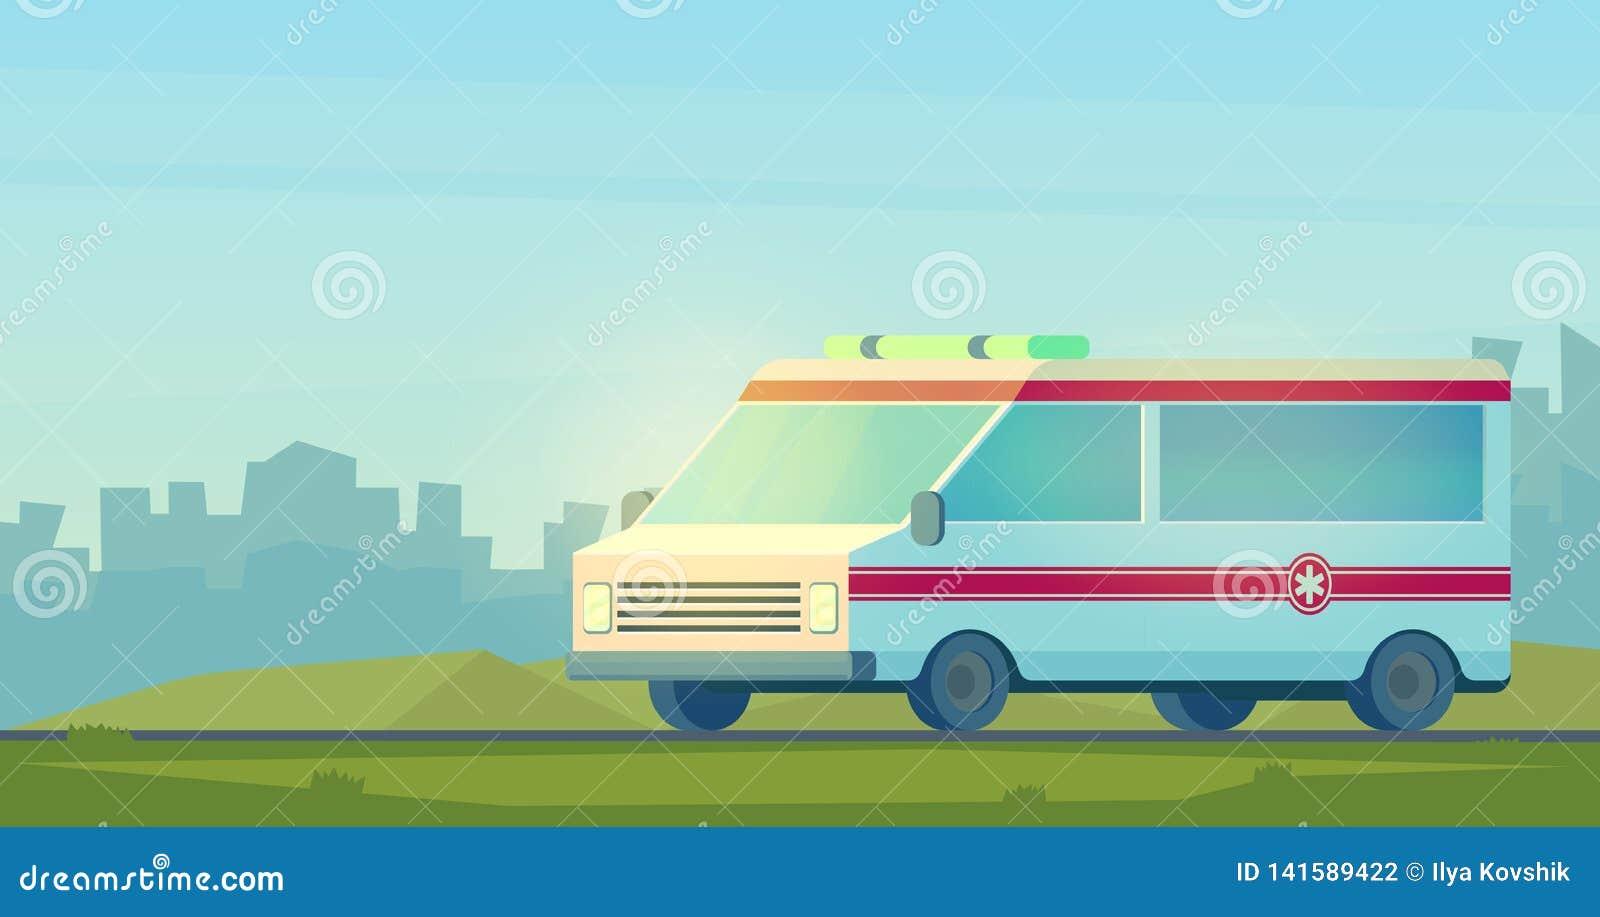 Автомобиль машины скорой помощи в городе Машина для обеспечивать первую необходимую непредвиденную медицинскую помощь Шарж вектор